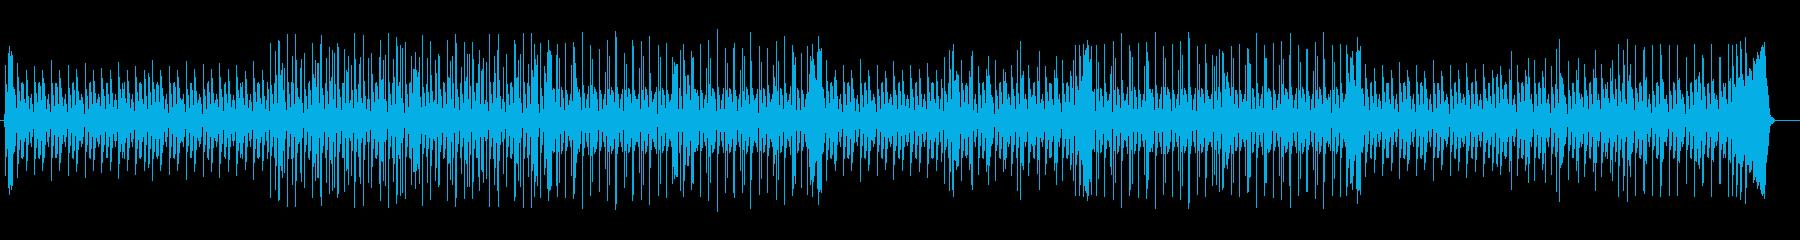 洗練されたドラムによるポップスの再生済みの波形